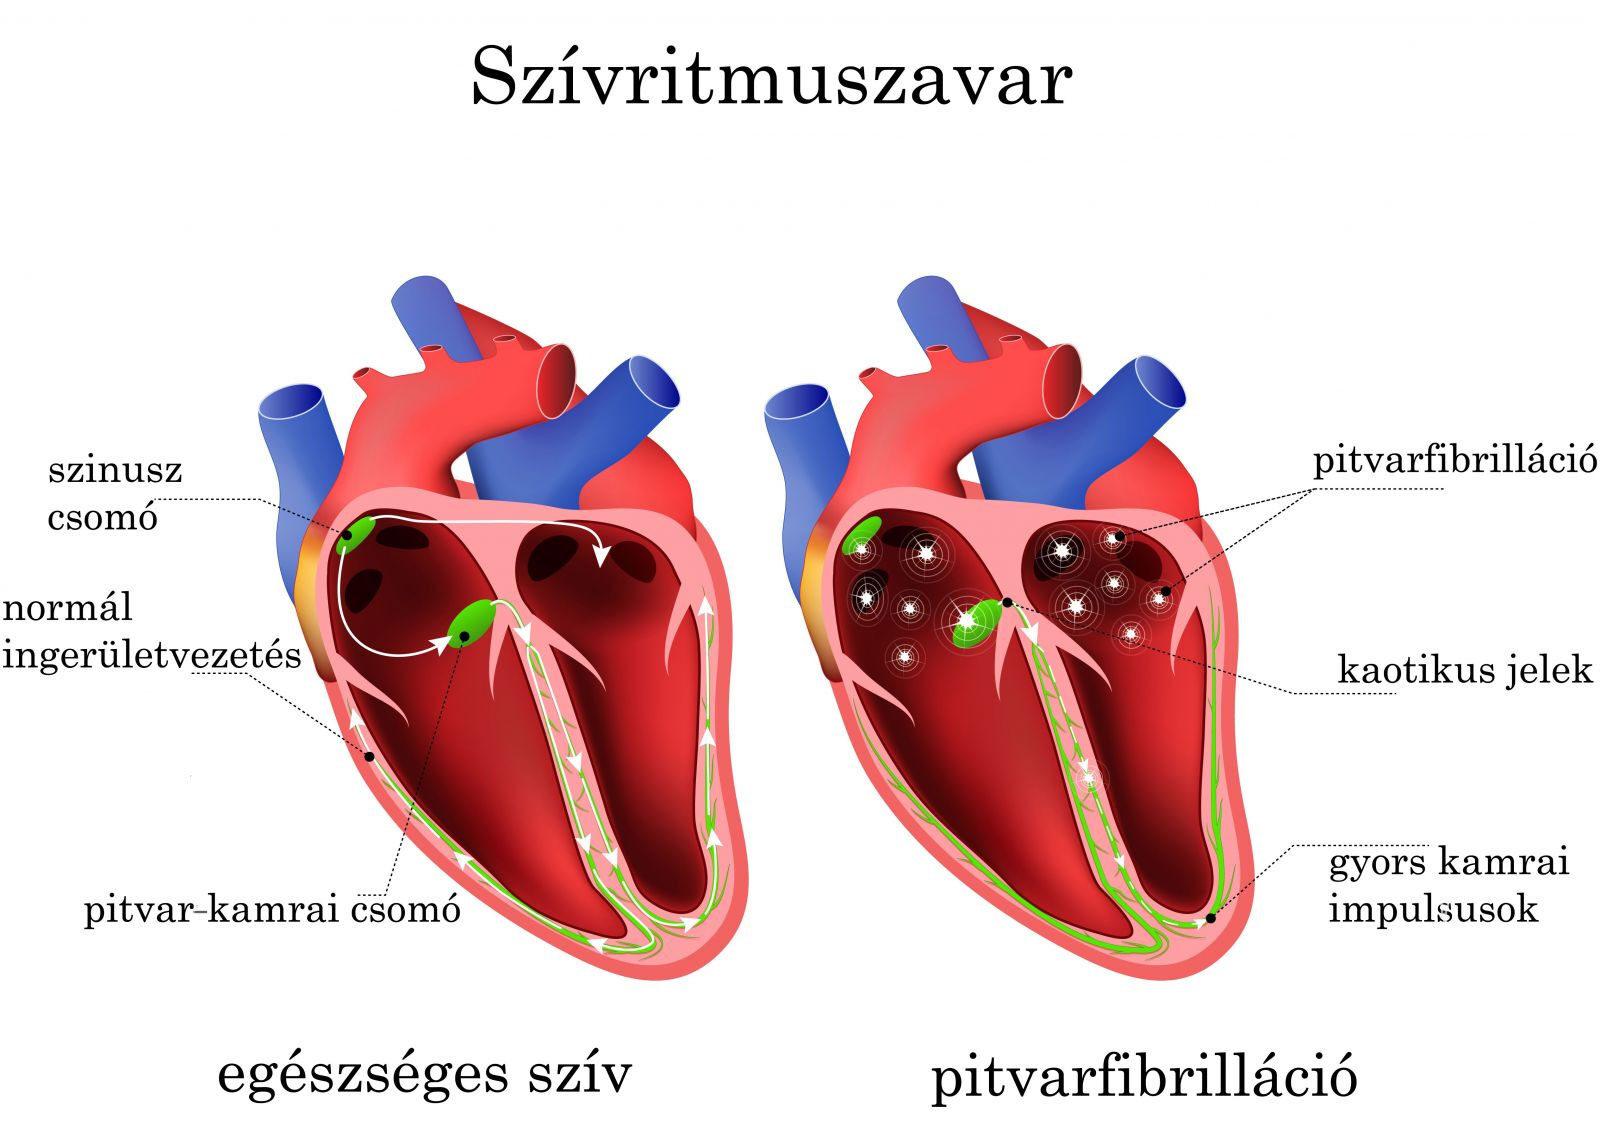 szív tachycardia és magas vérnyomás osztályok hipertónia elliptikus trénerén